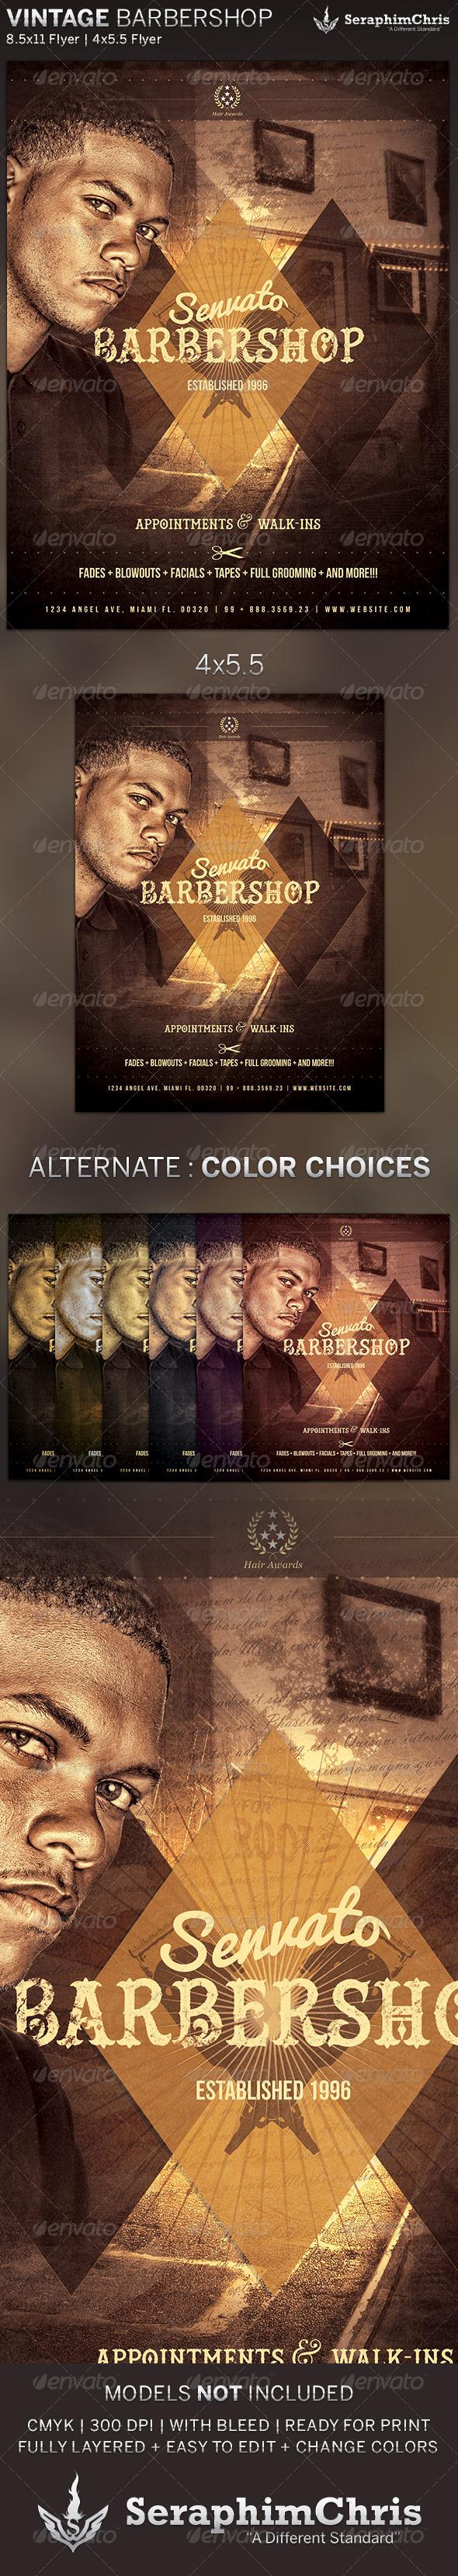 GraphicRiver Vintage Barbershop Flyer Template 5500645